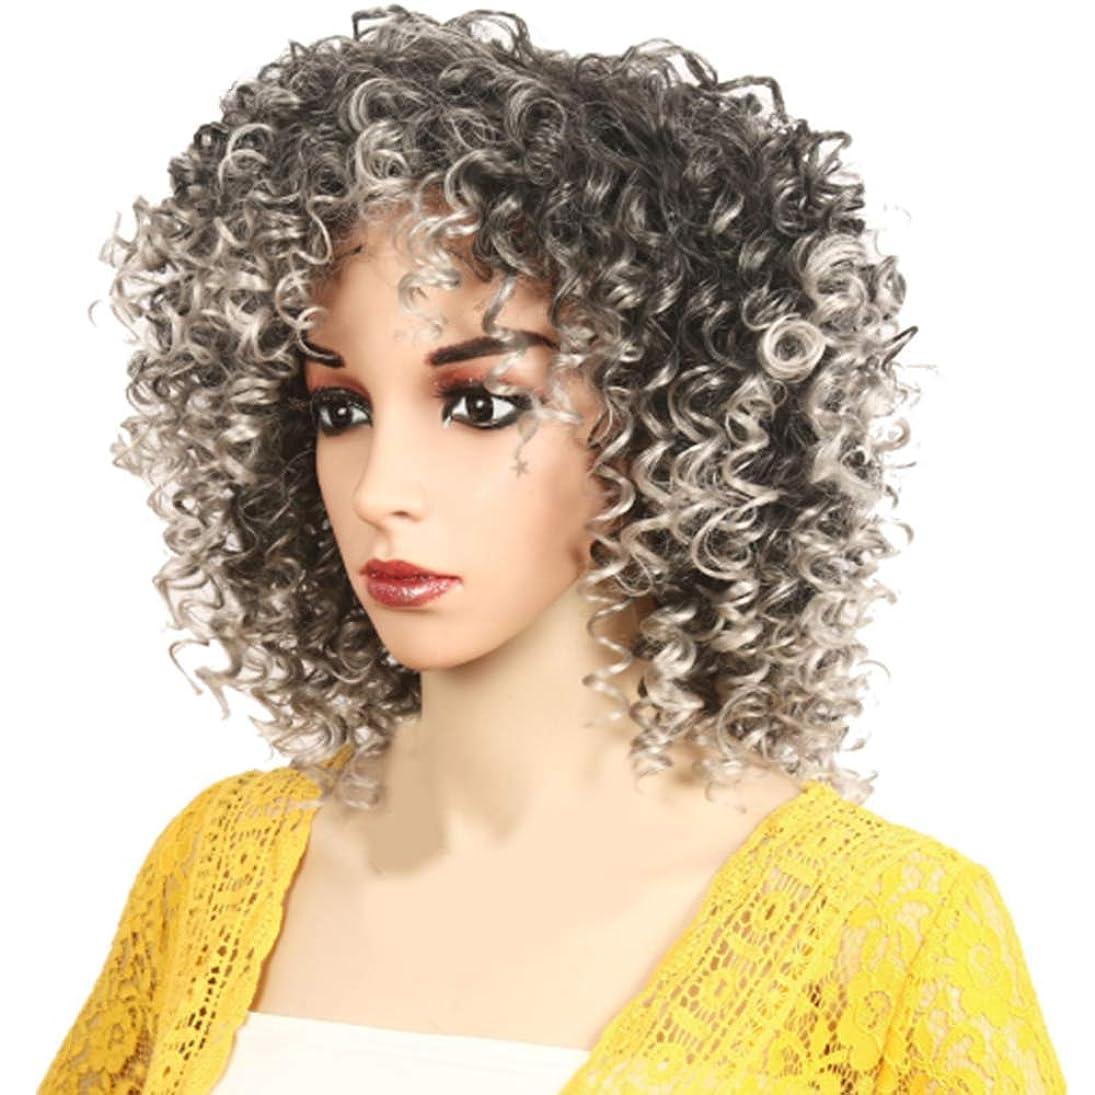 の量維持する気楽なアフリカの黒人女性のかつら短い巻き毛のかつらふわふわ自然は低温二次形状で矯正することができます,Gray